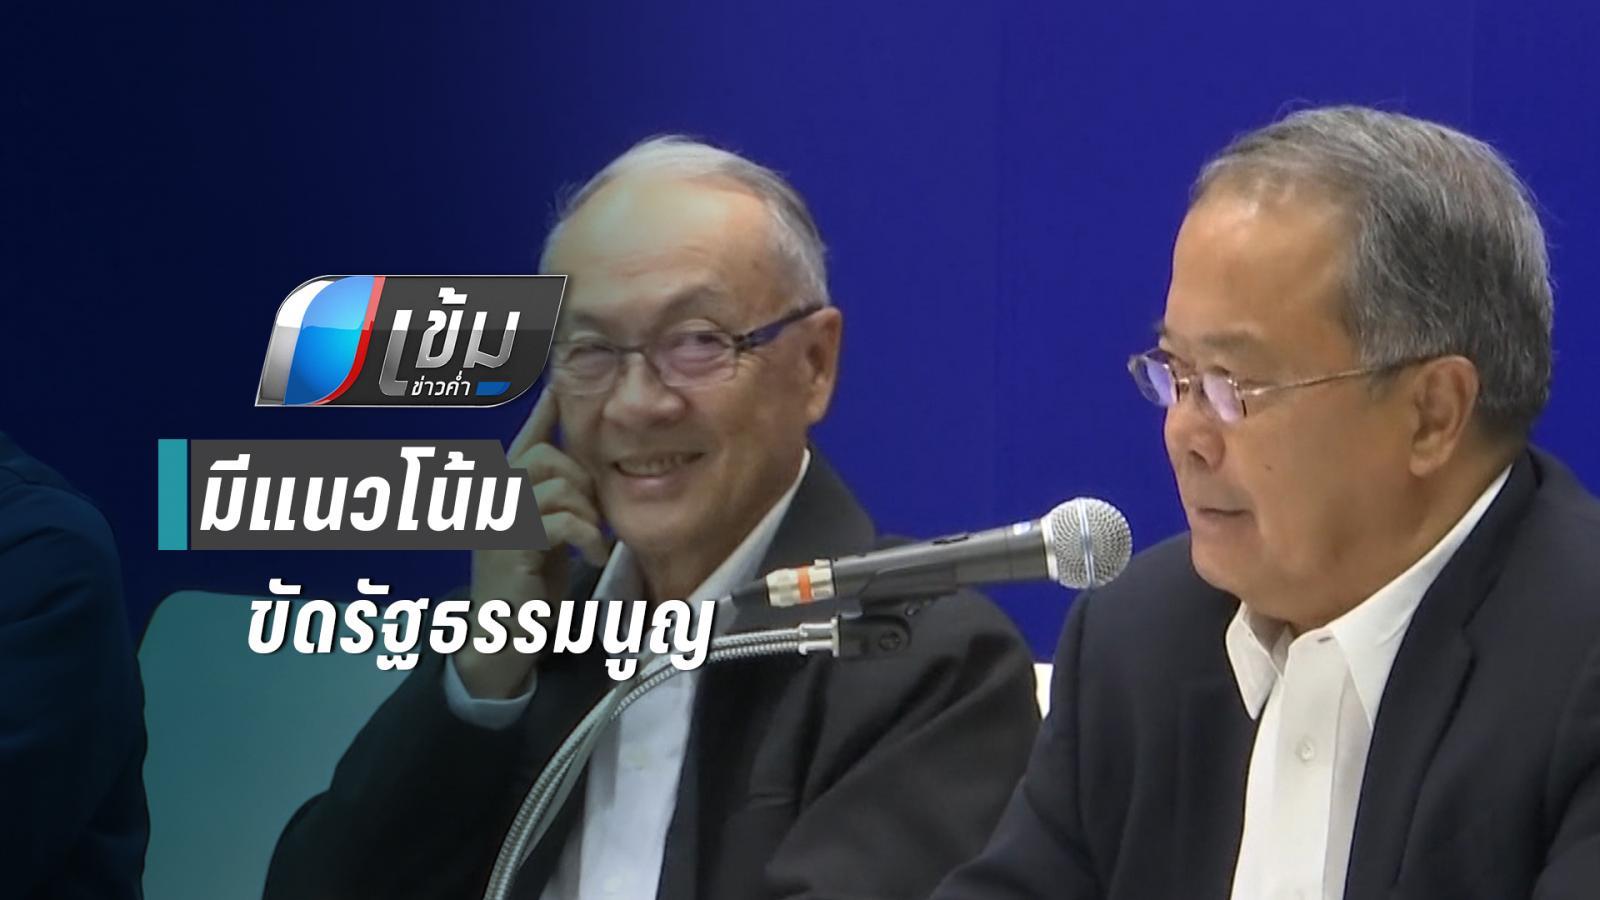 เพื่อไทย จี้ กกต.ทบทวนวิธีคำนวณส.ส. เชื่อส่อผิดรัฐธรรมนูญ